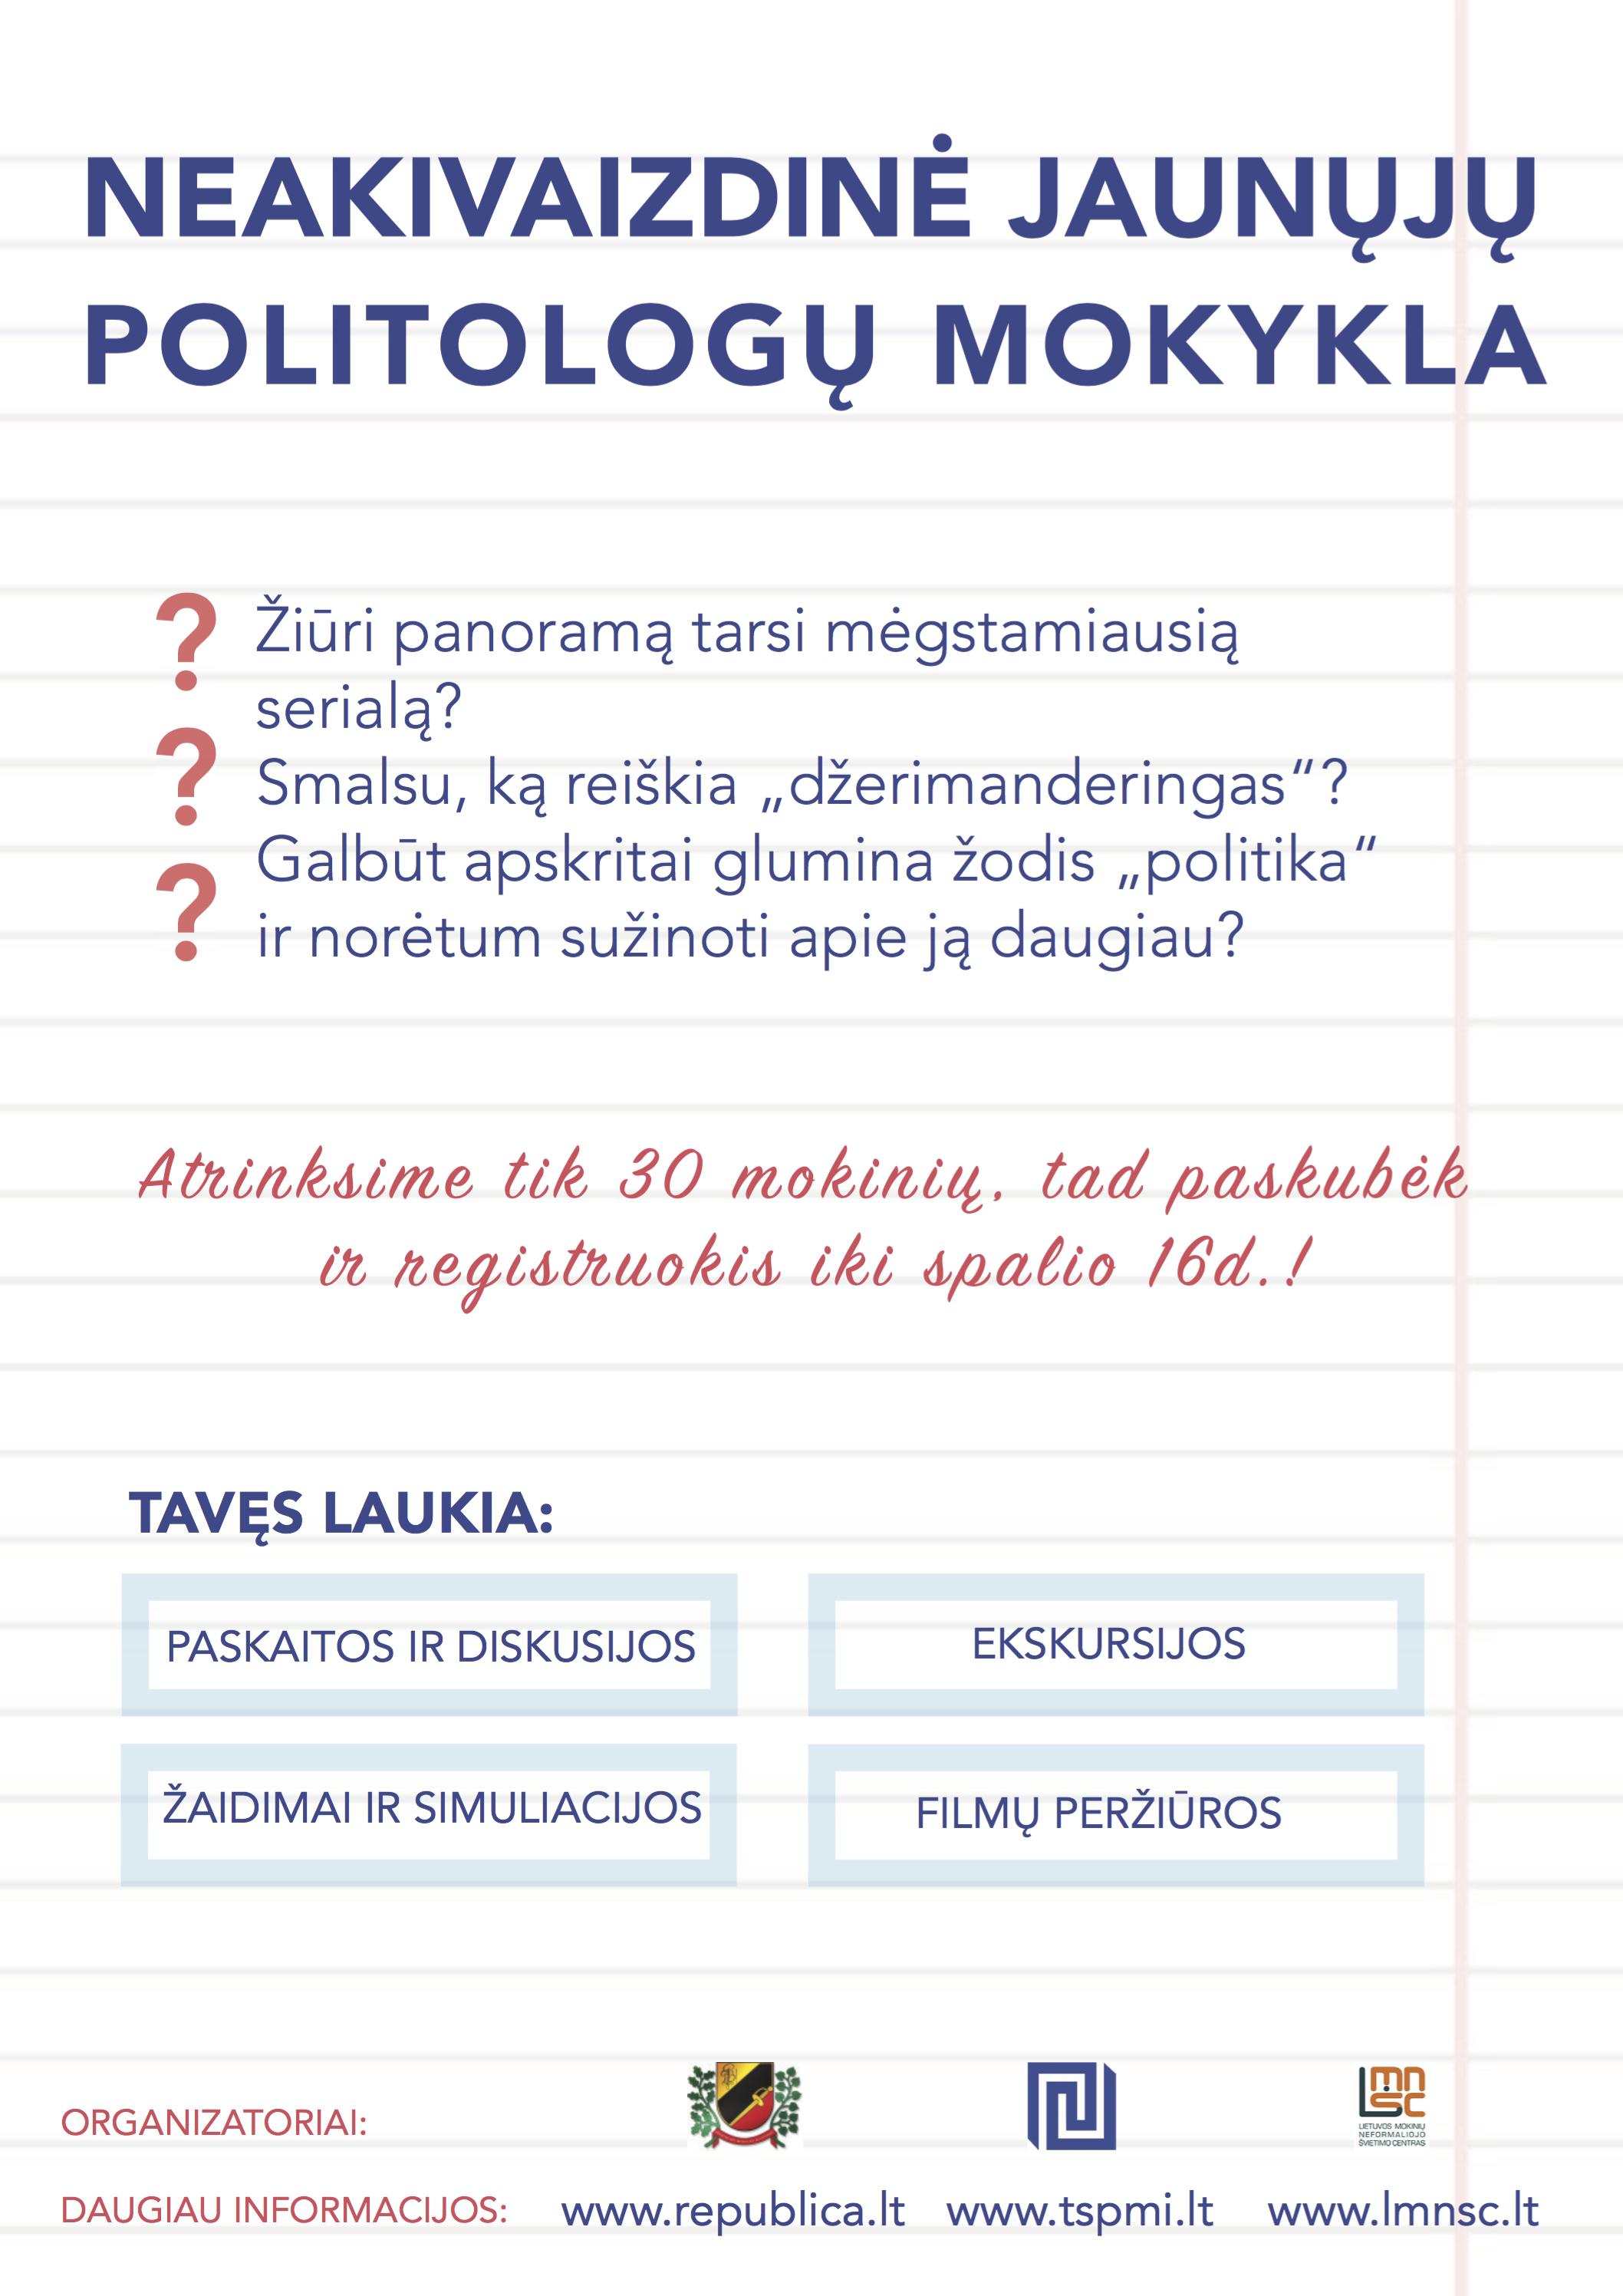 Jaunųjų politologų mokykla